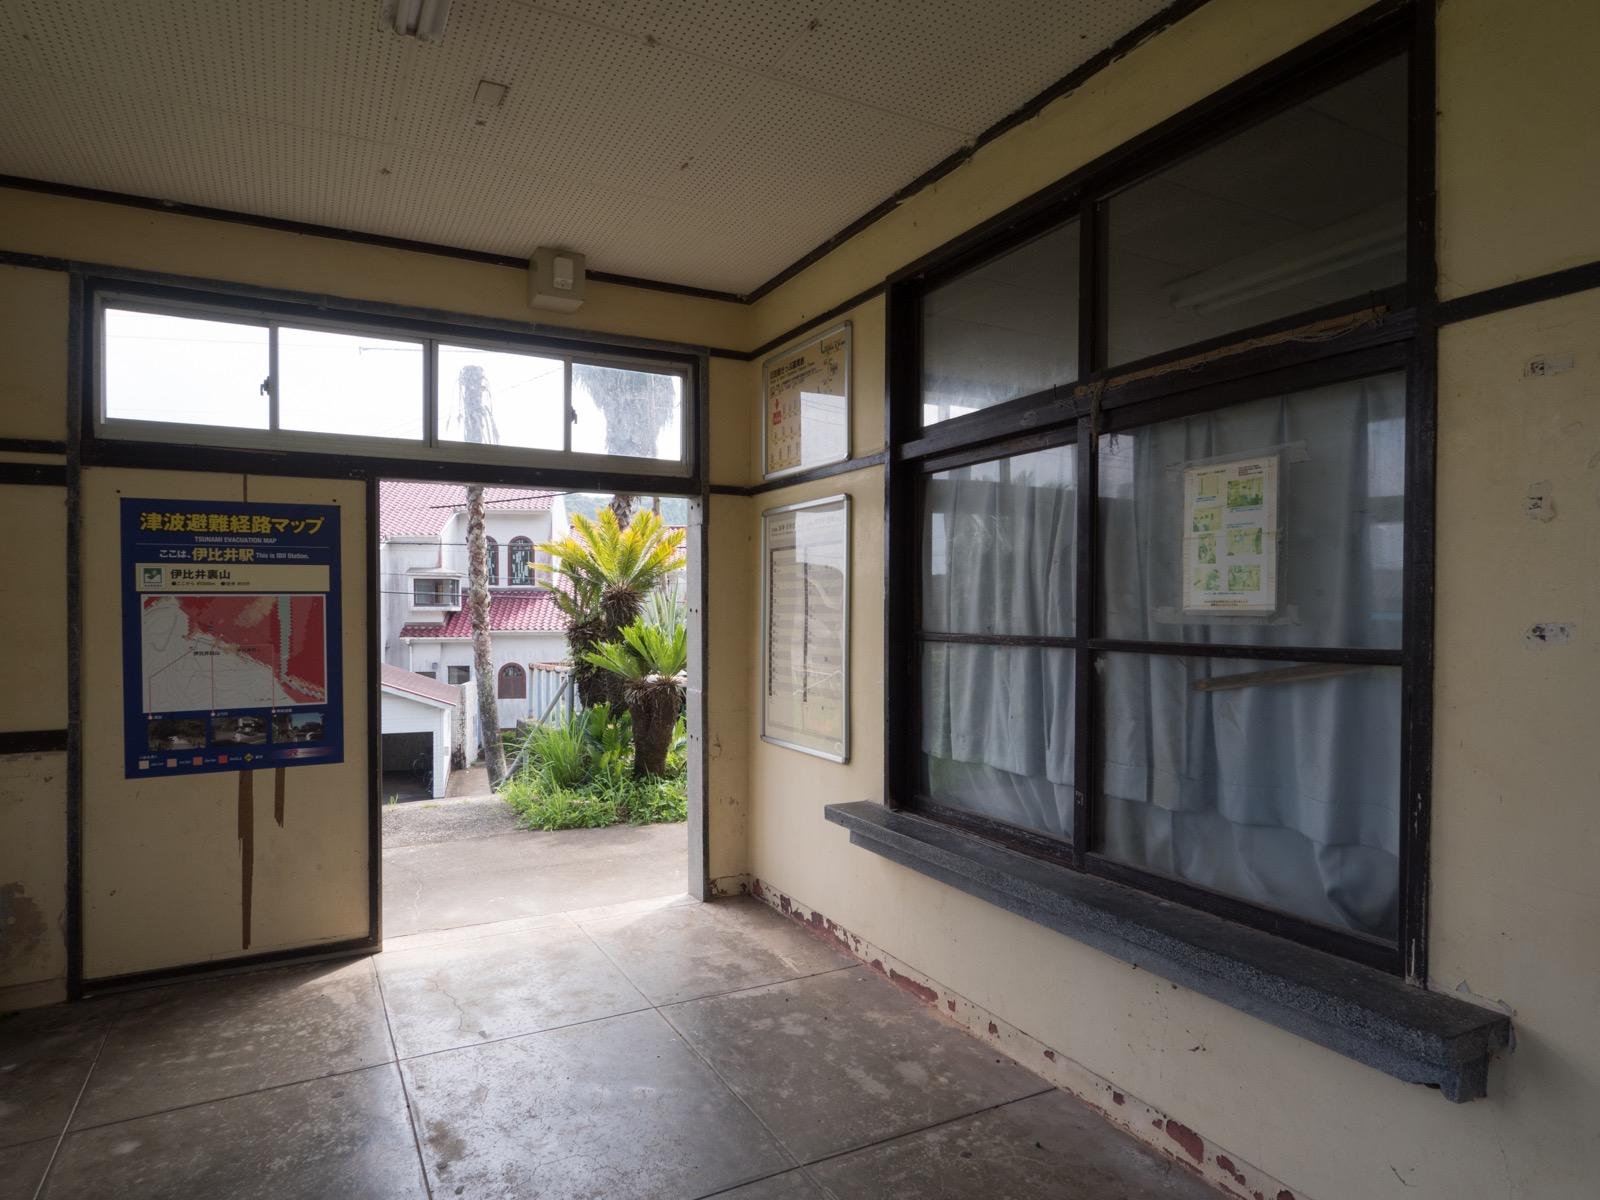 伊比井駅の駅舎内